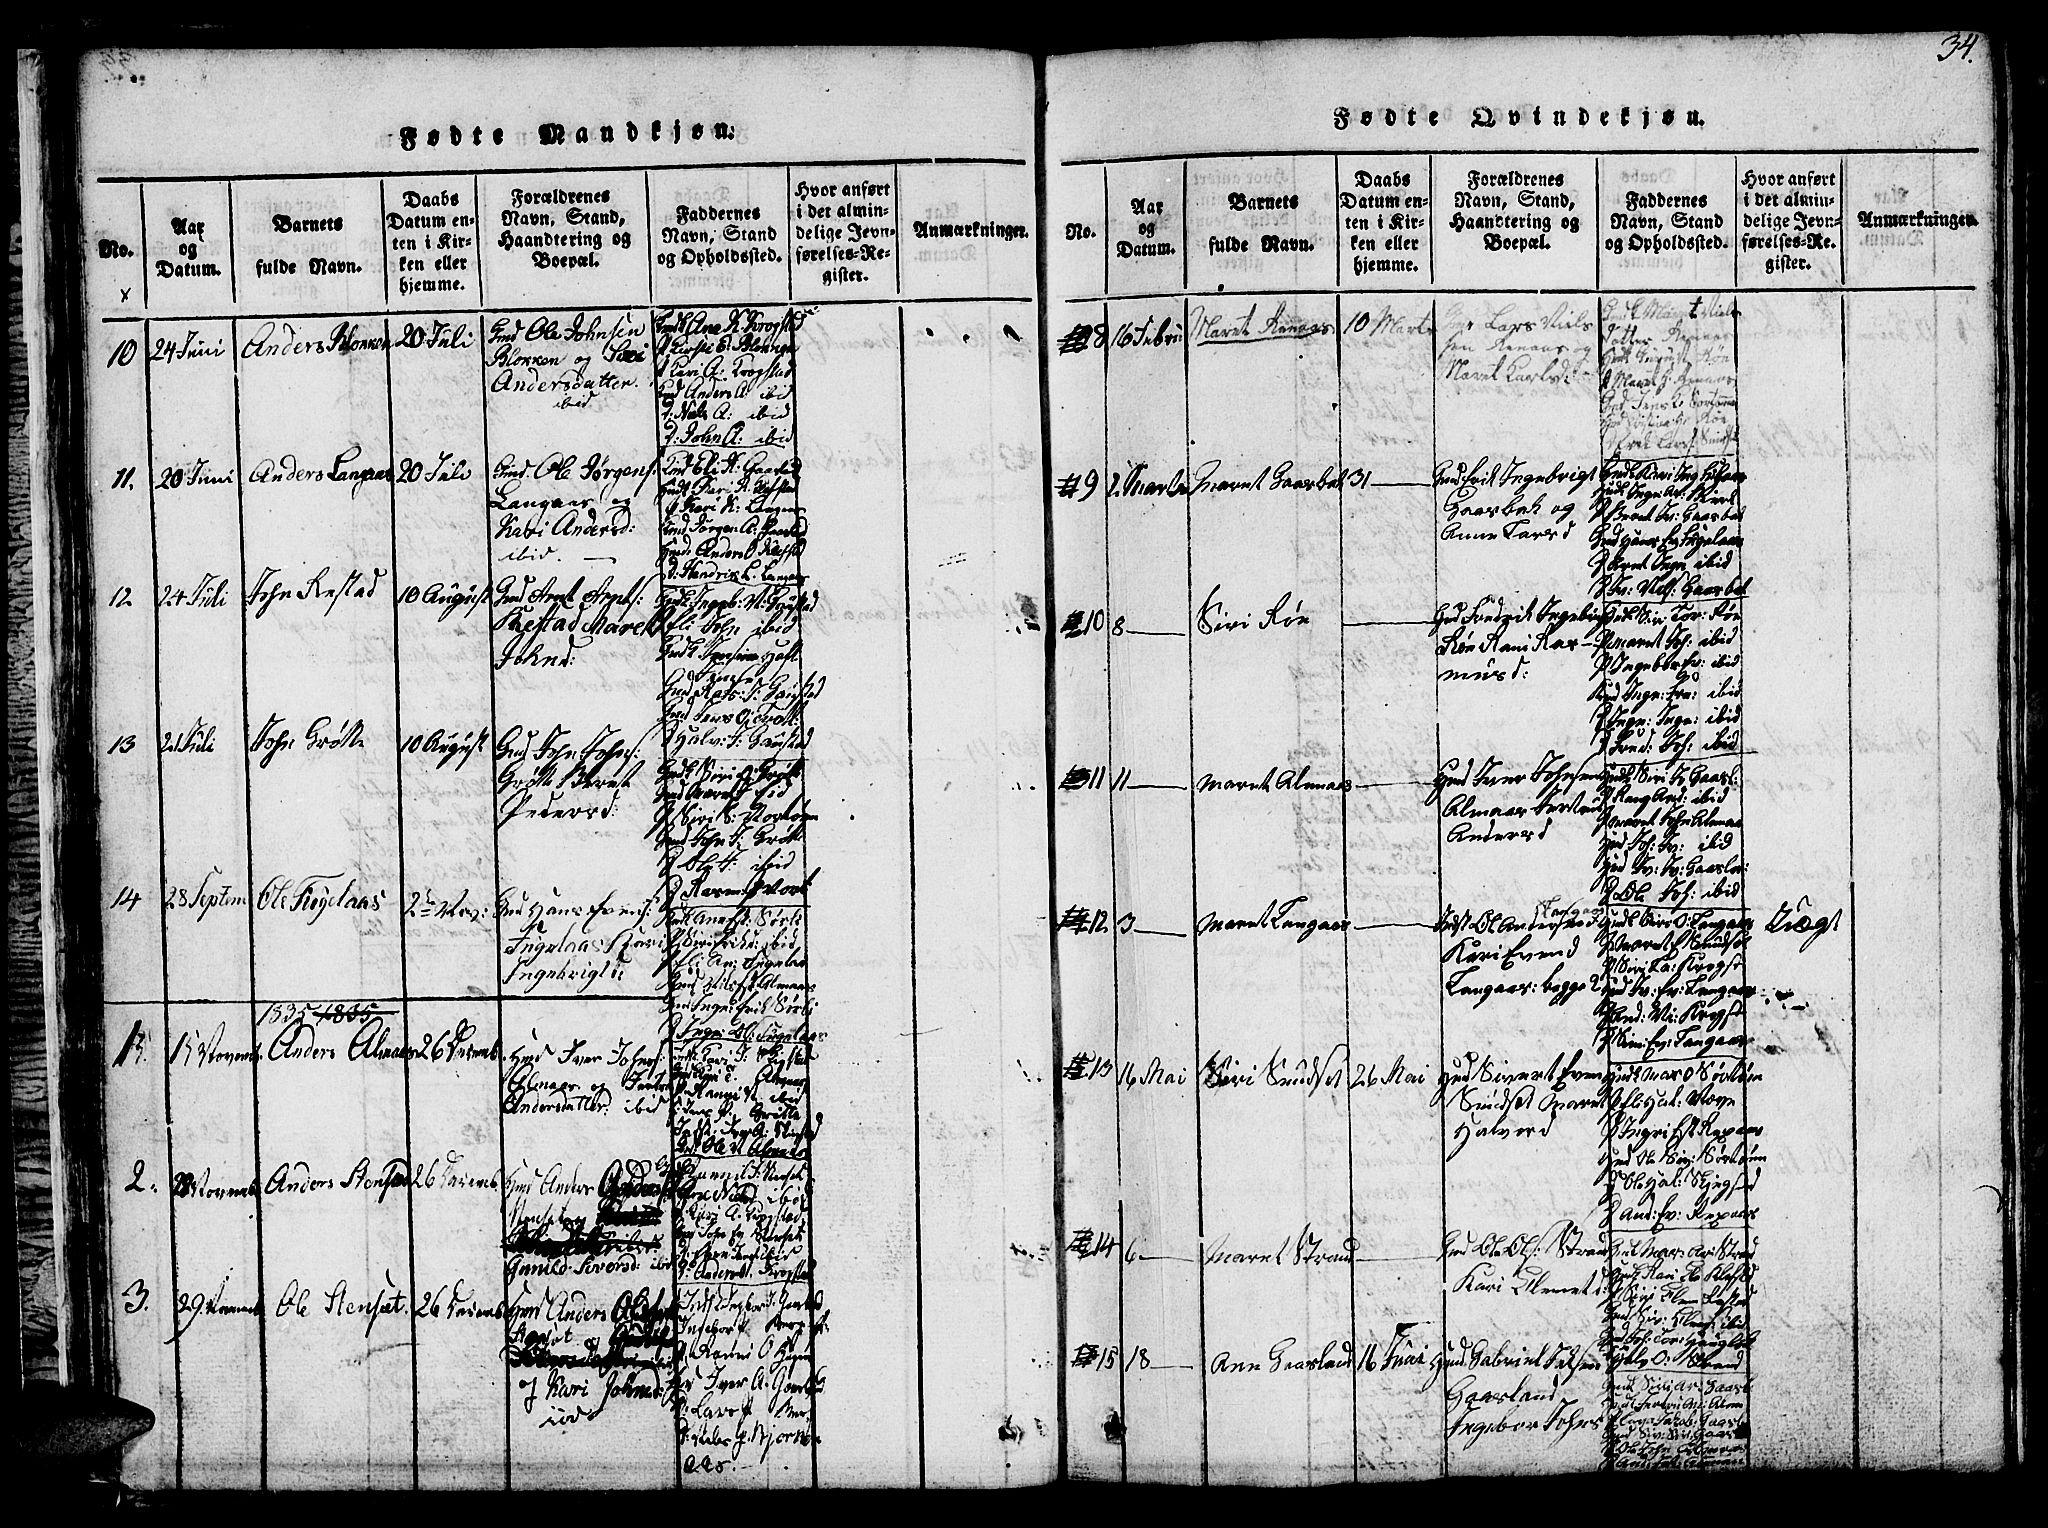 SAT, Ministerialprotokoller, klokkerbøker og fødselsregistre - Sør-Trøndelag, 694/L1130: Klokkerbok nr. 694C02, 1816-1857, s. 34